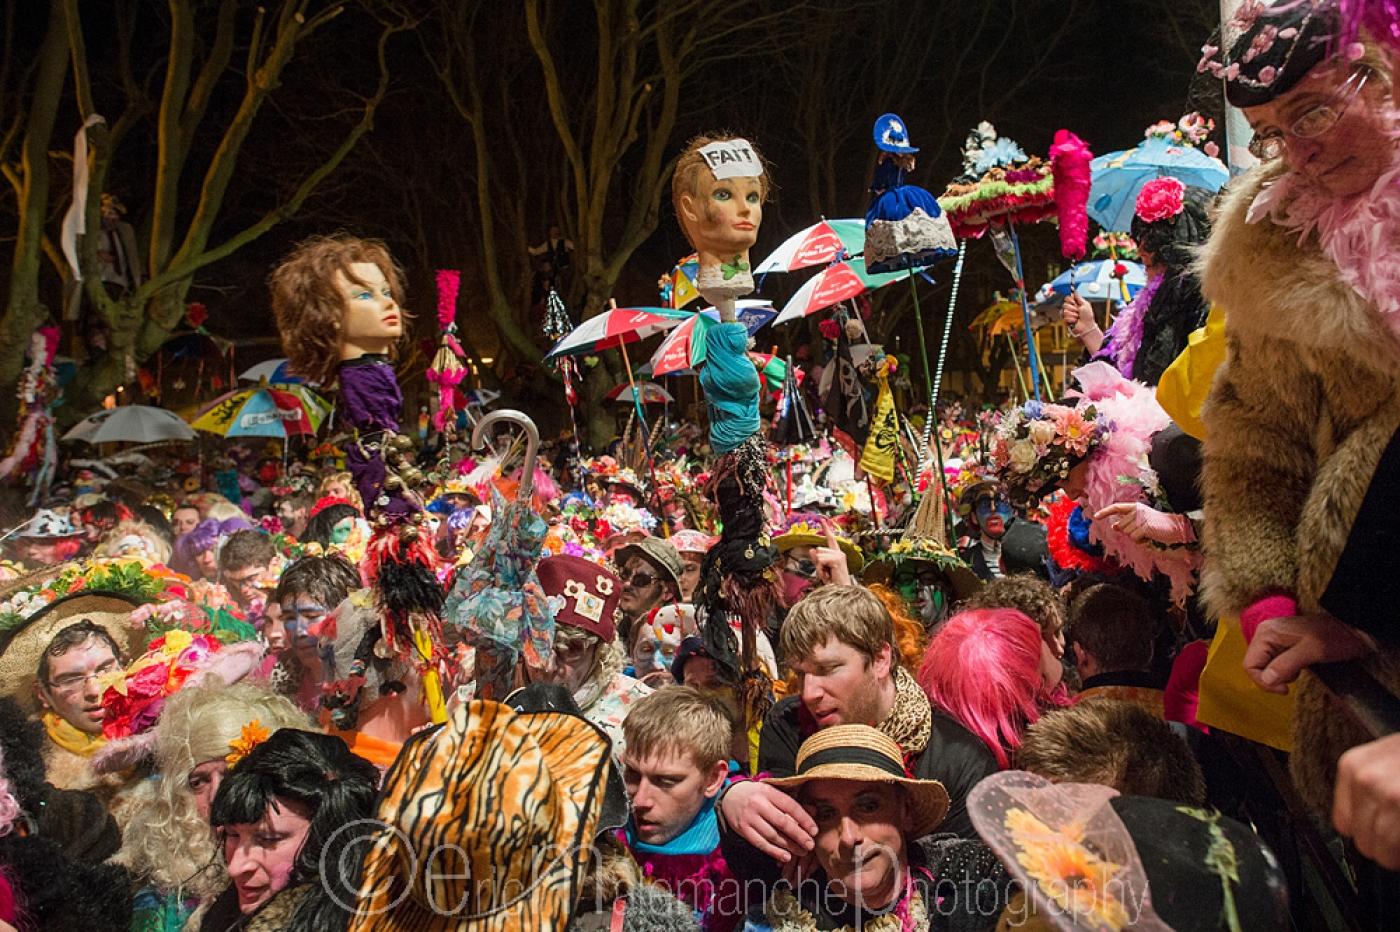 http://www.ericmalemanche.com/imagess/topics/carnaval-de-dunkerque/liste/Carnaval-Dunkerque-6590-2.jpg